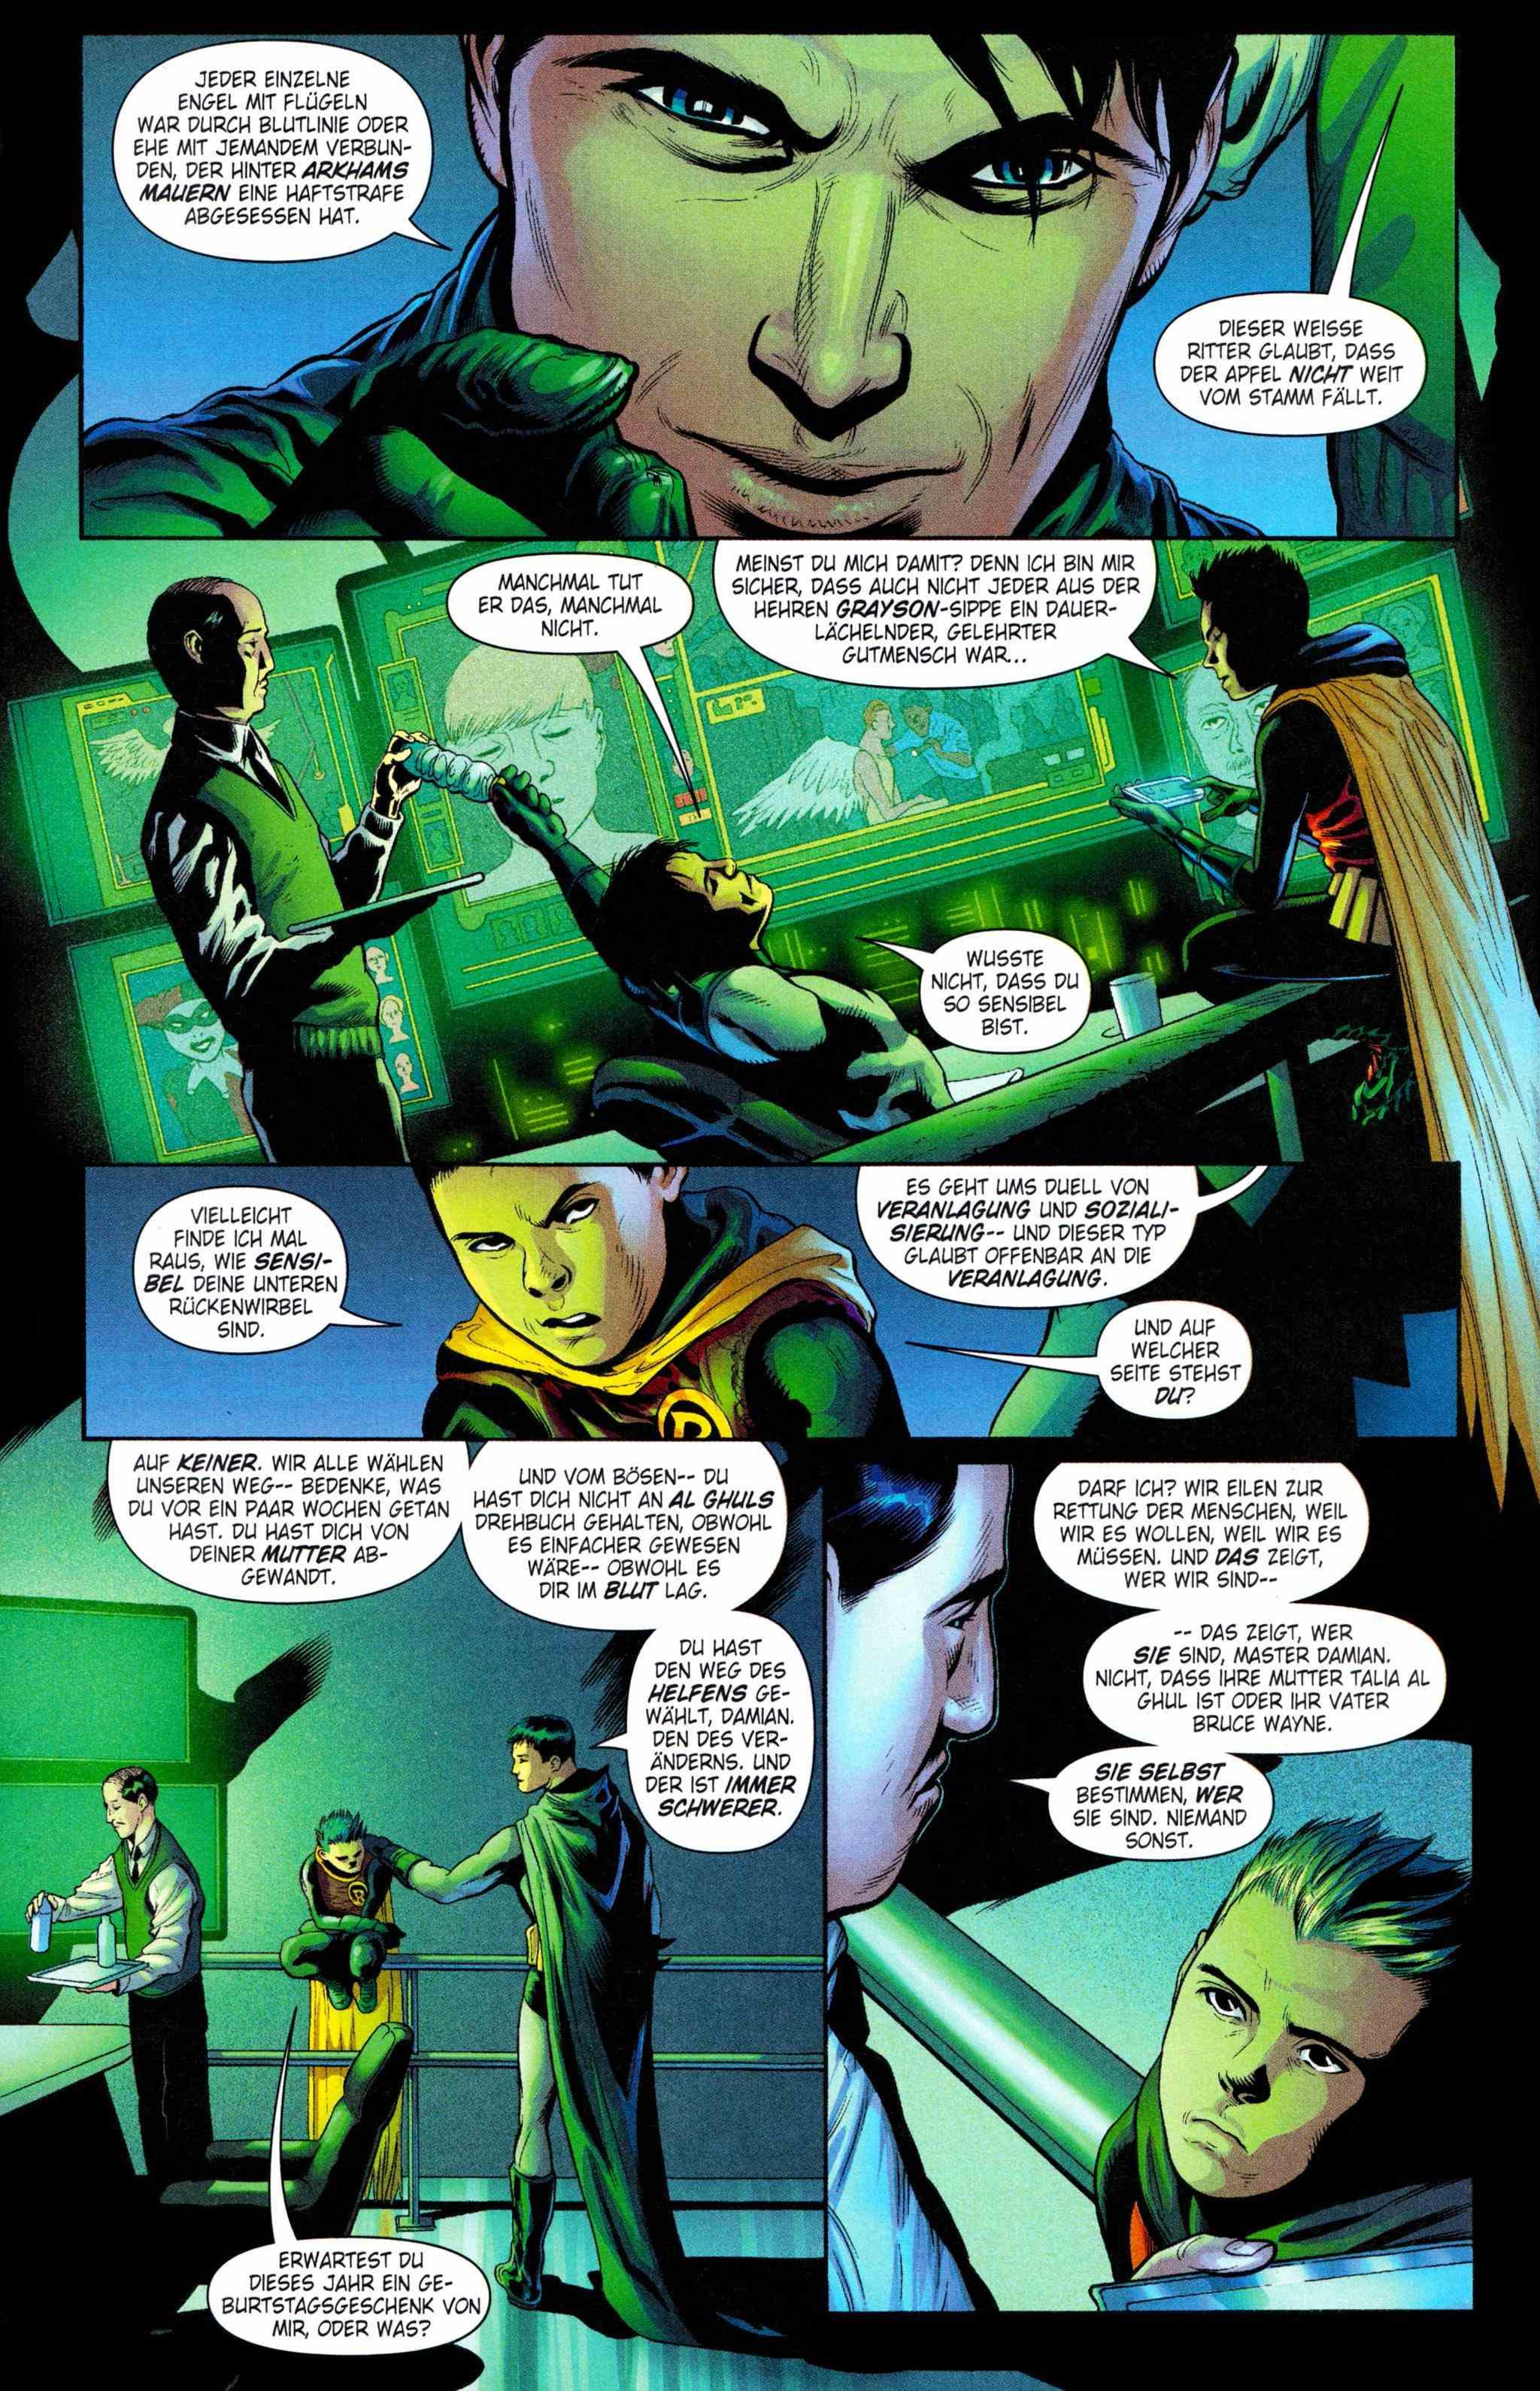 Batman-Comic-Seite, Batman und Robin diskutieren über Veranlagung und freien Willen